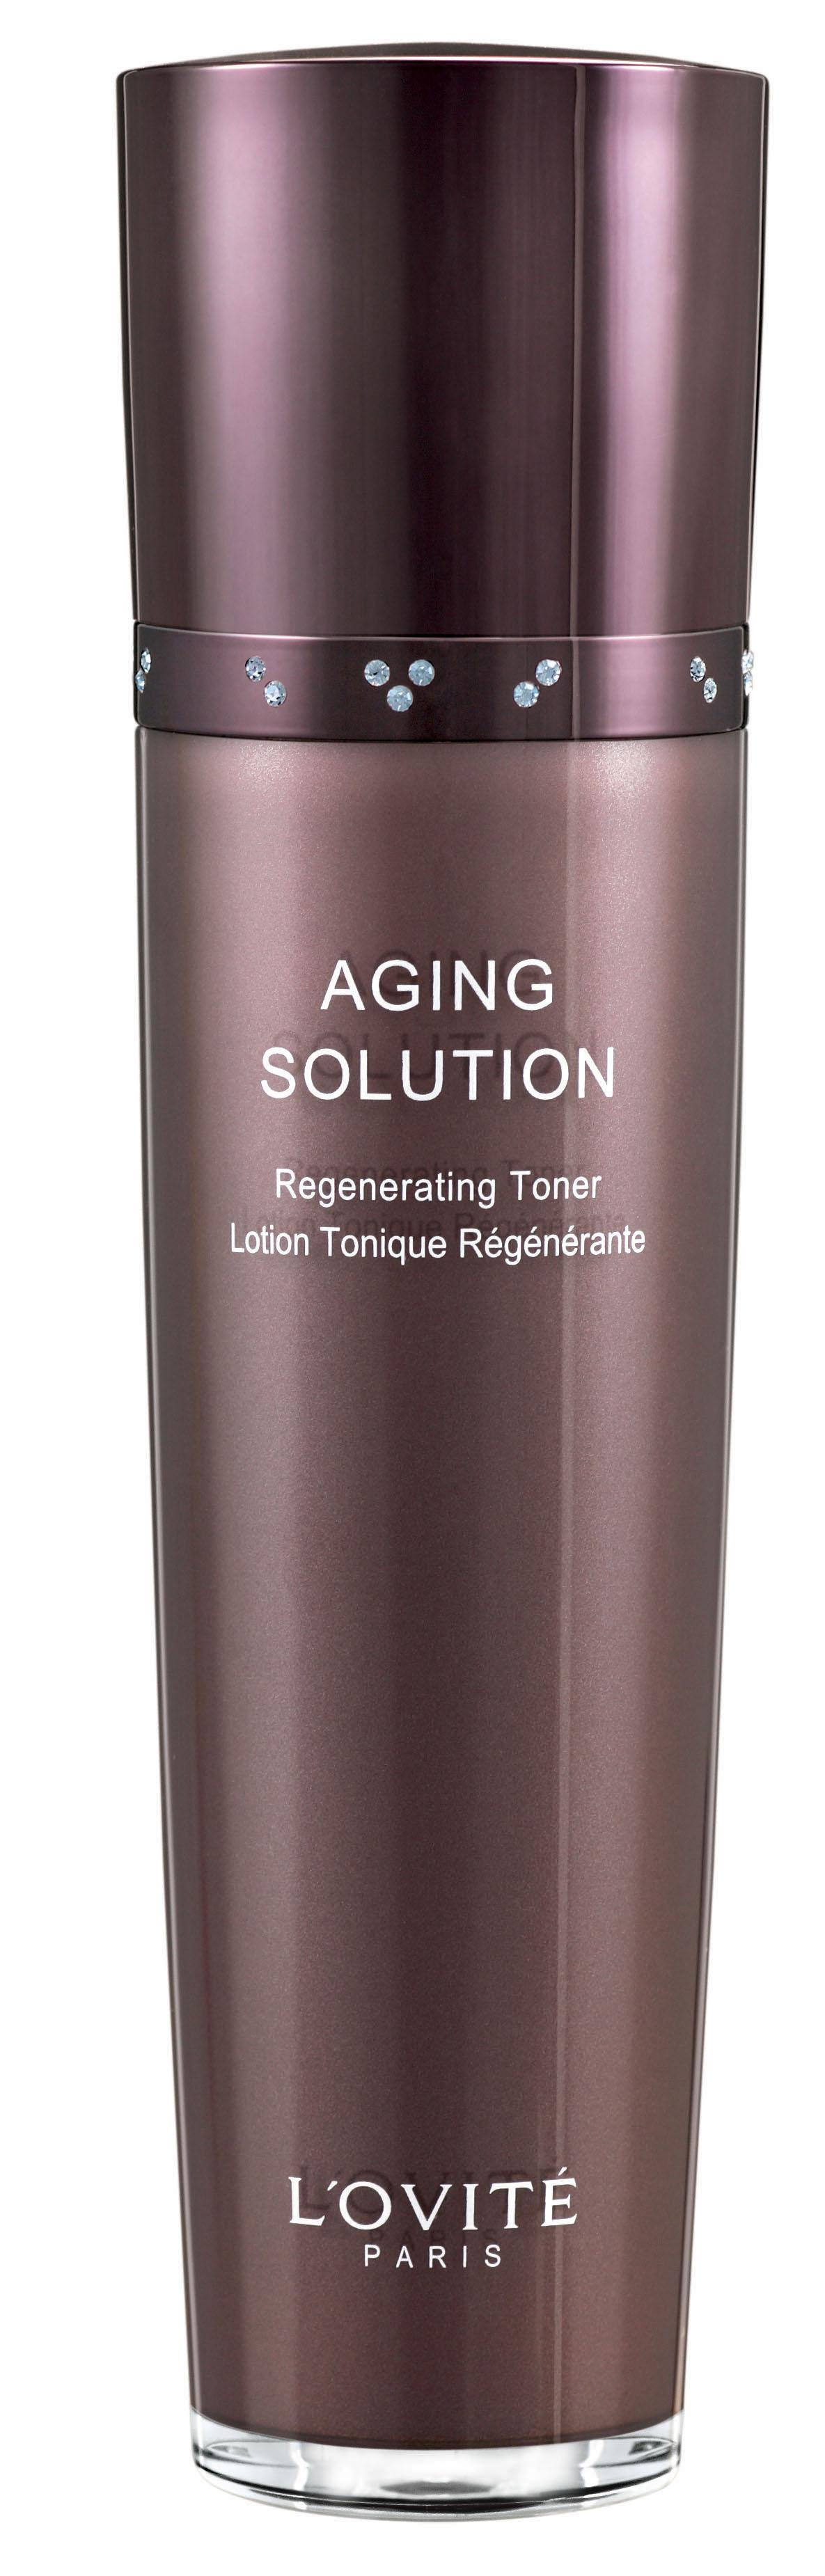 Nước làm mềm mát da chống lão hóa Aging Regererating Toner